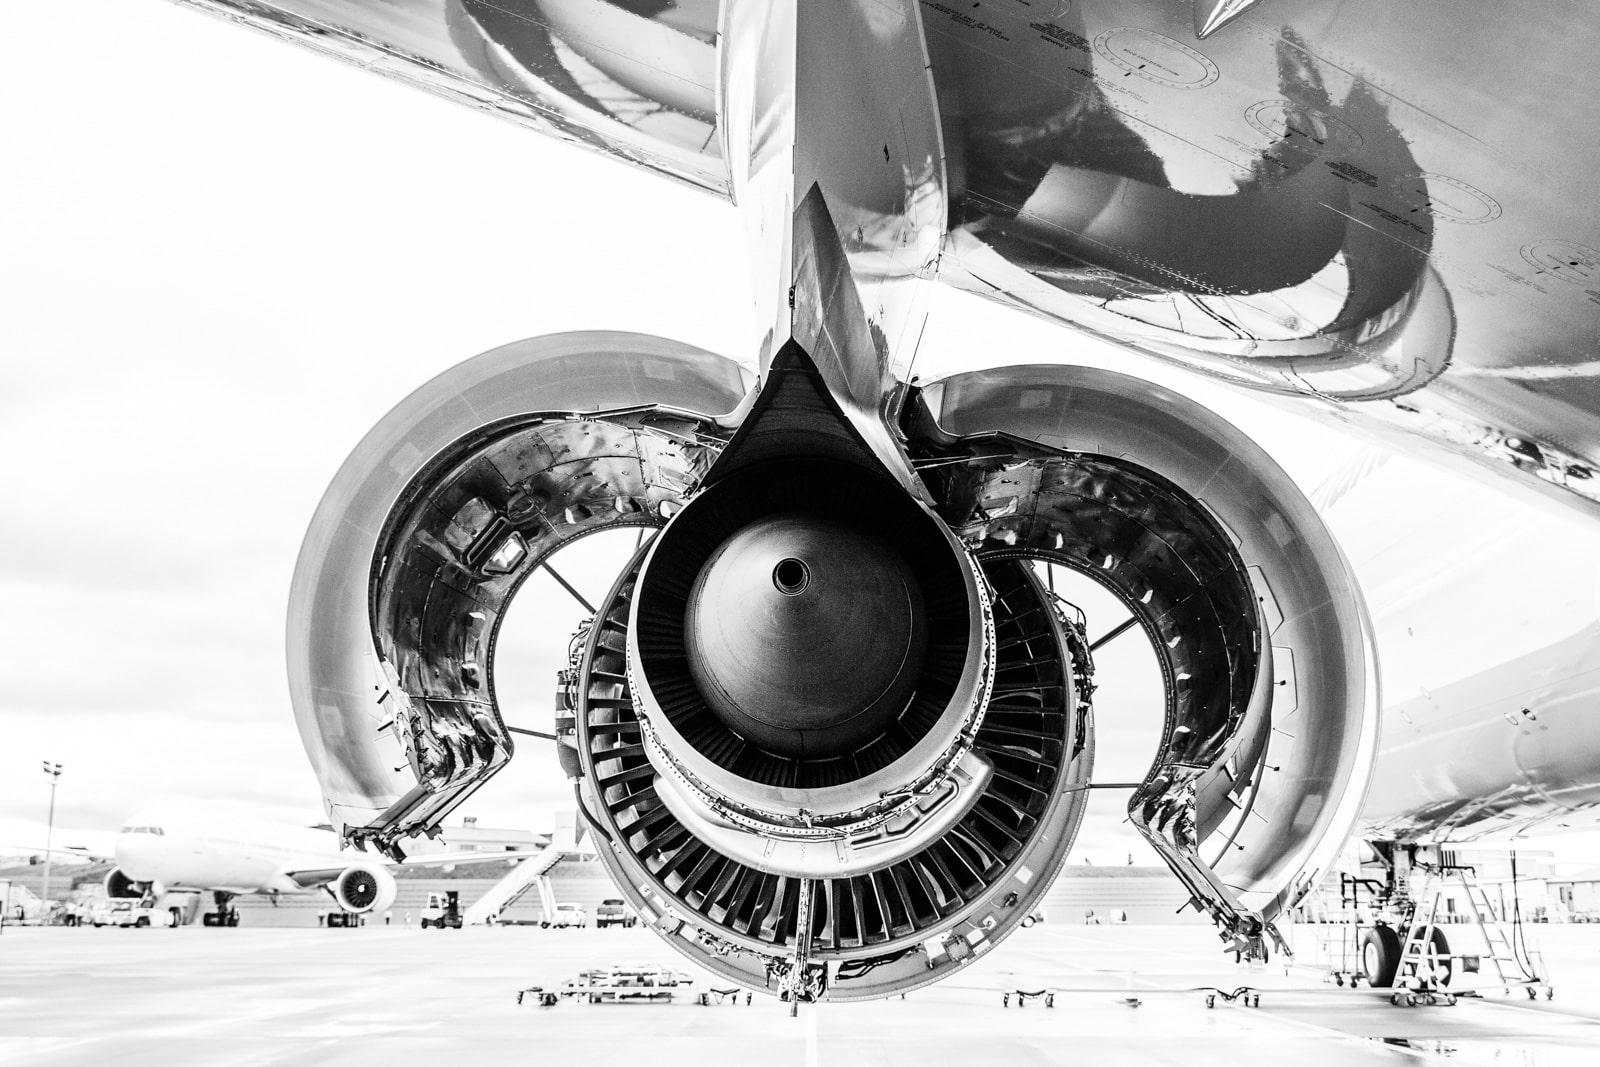 Ein offenes Flugzeugtriebwerk von hinten